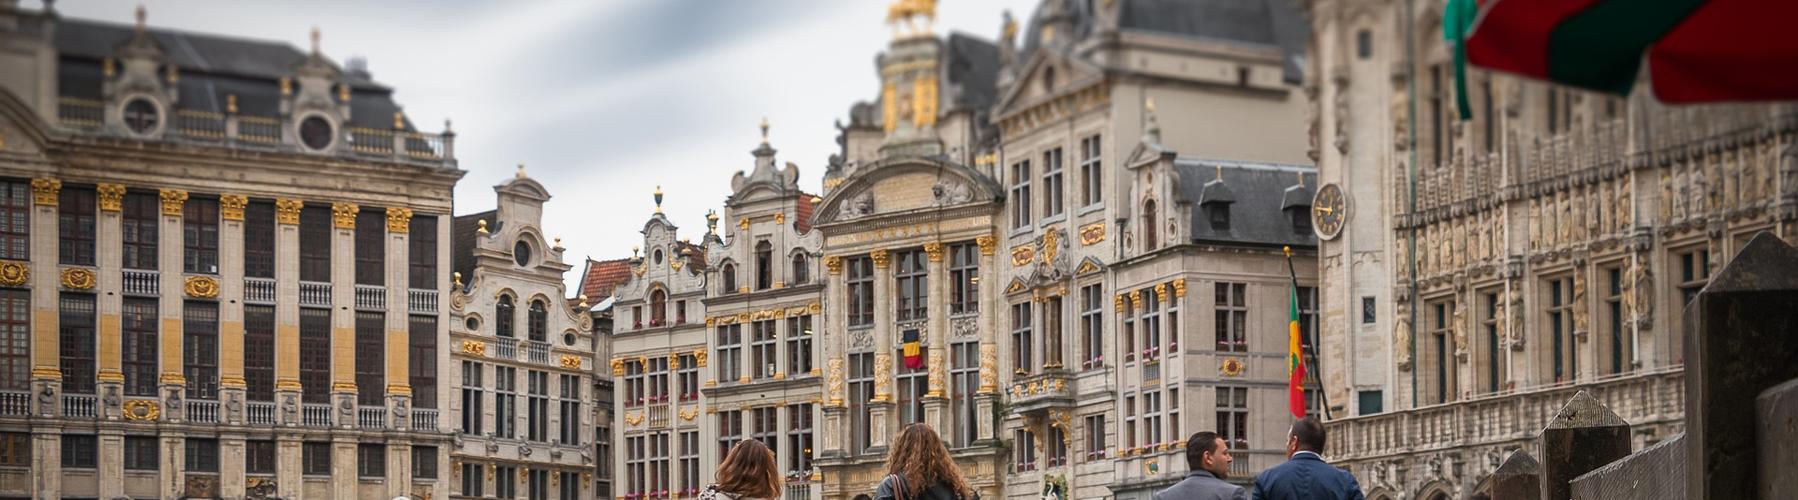 Brüssel - Zimmer nahe Stadtzentrum. Brüssel auf der Karte. Fotos und Bewertungen für jedes Zimmer in Brüssel.